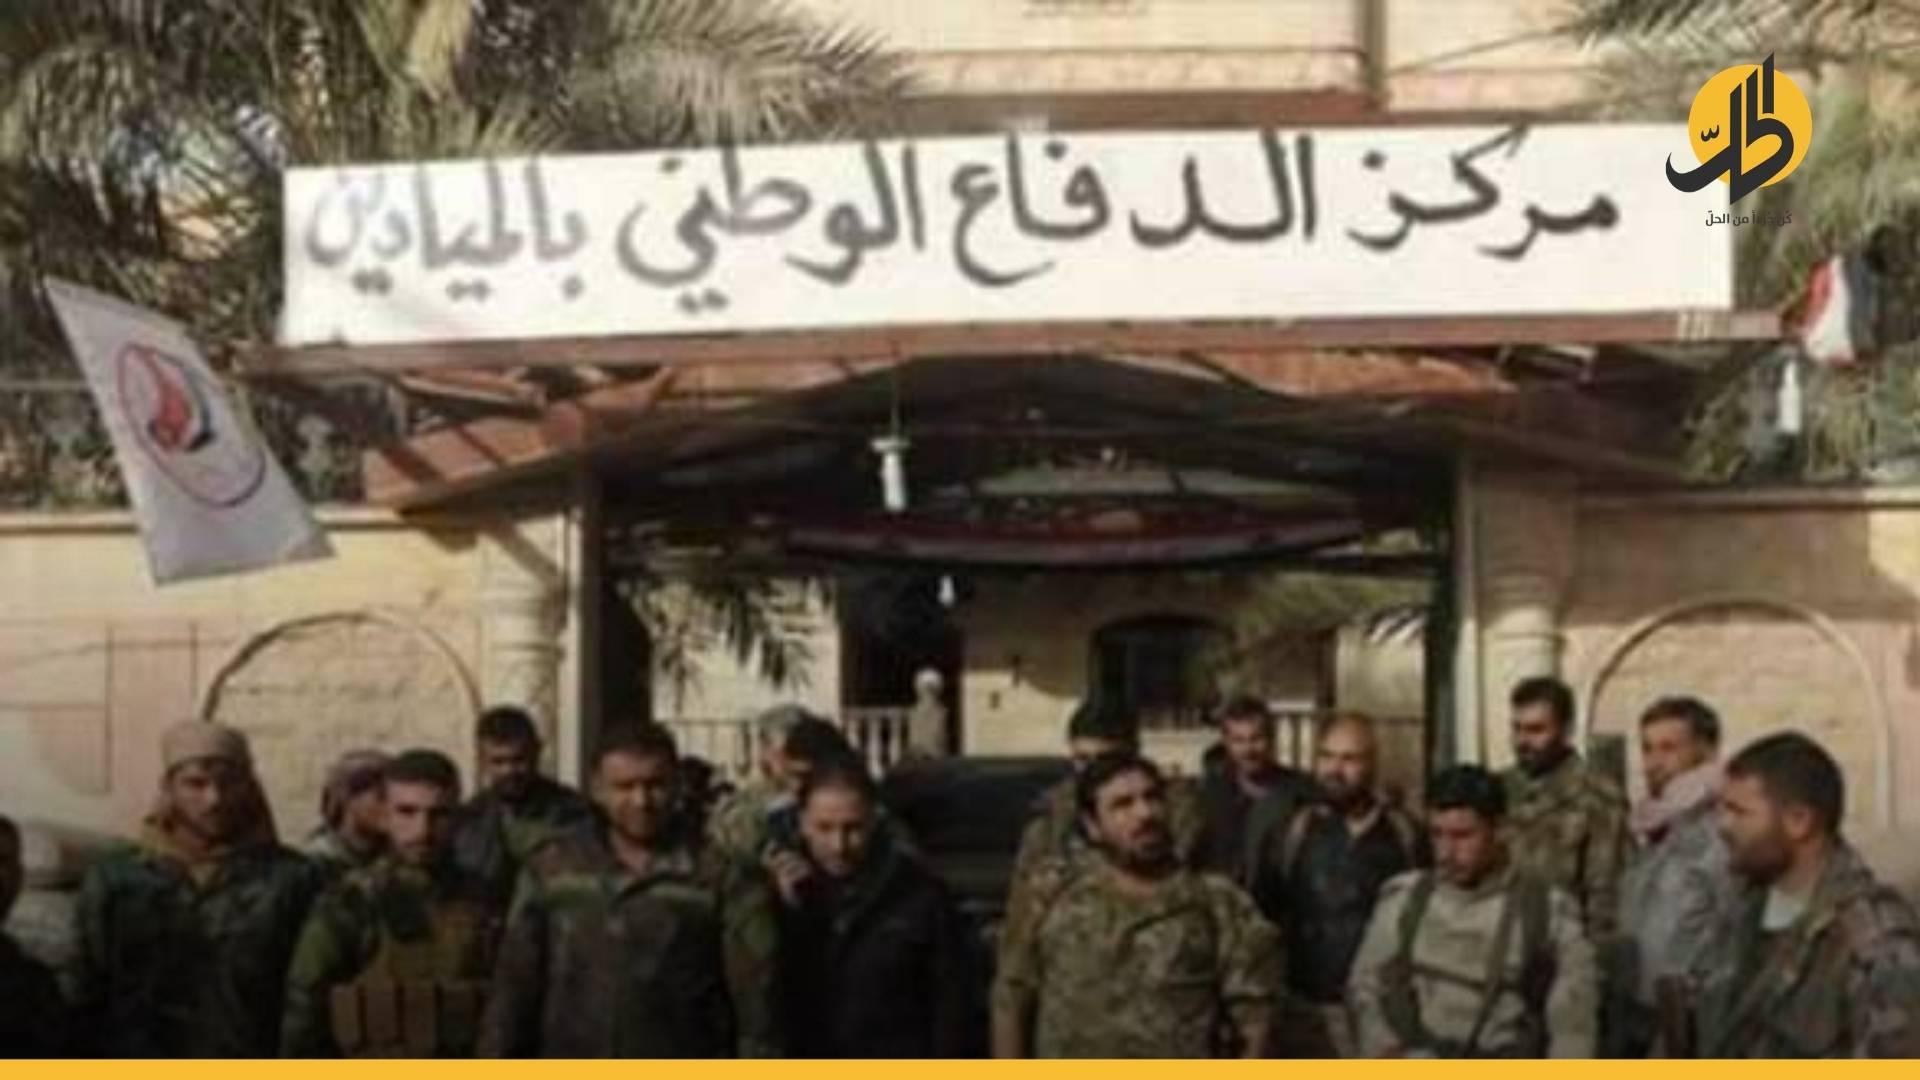 القتال يشتعل مُجدّداً بينهما.. قتلى وجرحى في اشتباكاتٍ بين «الدفاع الوطني» و«الفرقة الرابعة» شرقي دير الزور